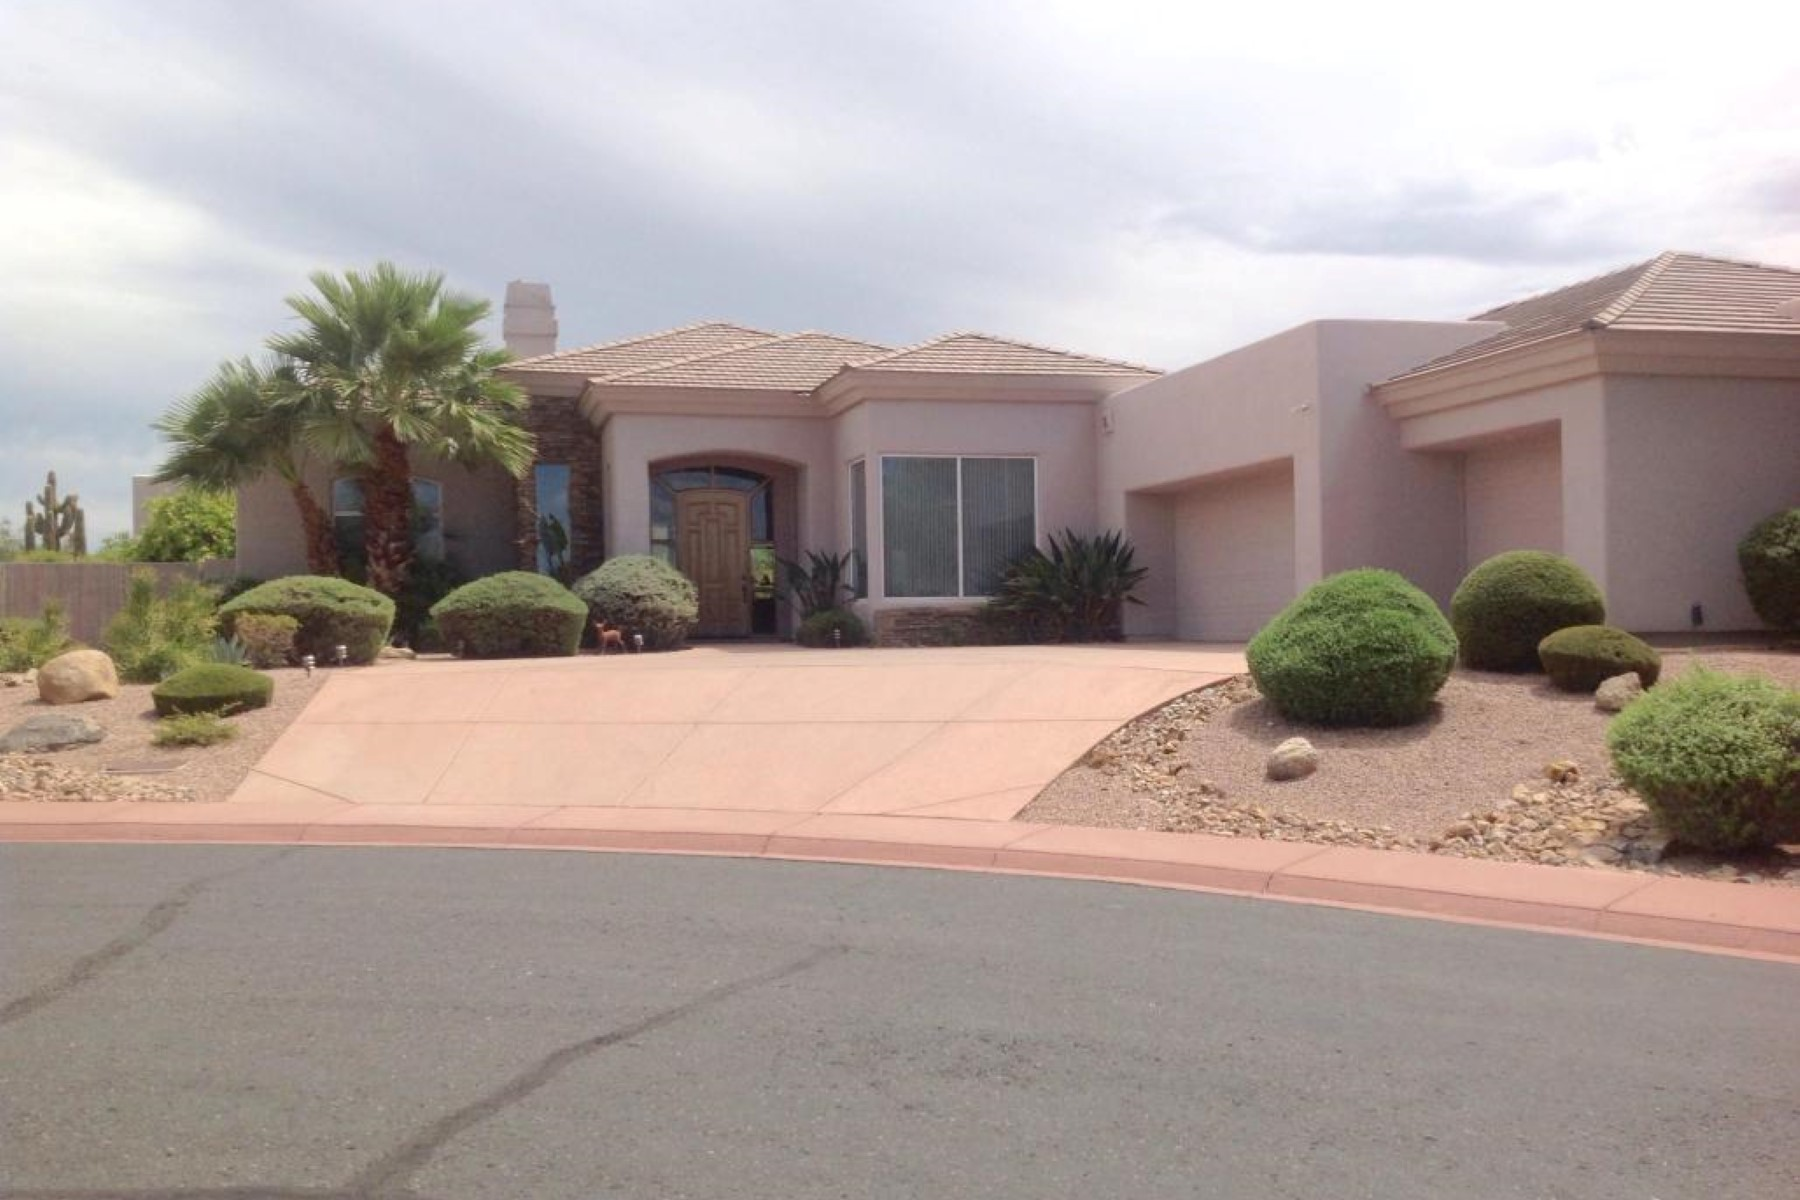 Maison unifamiliale pour l Vente à Absolutely gorgeous, custom designed home in Country Club Estates 4055 N Recker Rd 24 Mesa, Arizona 85215 États-Unis